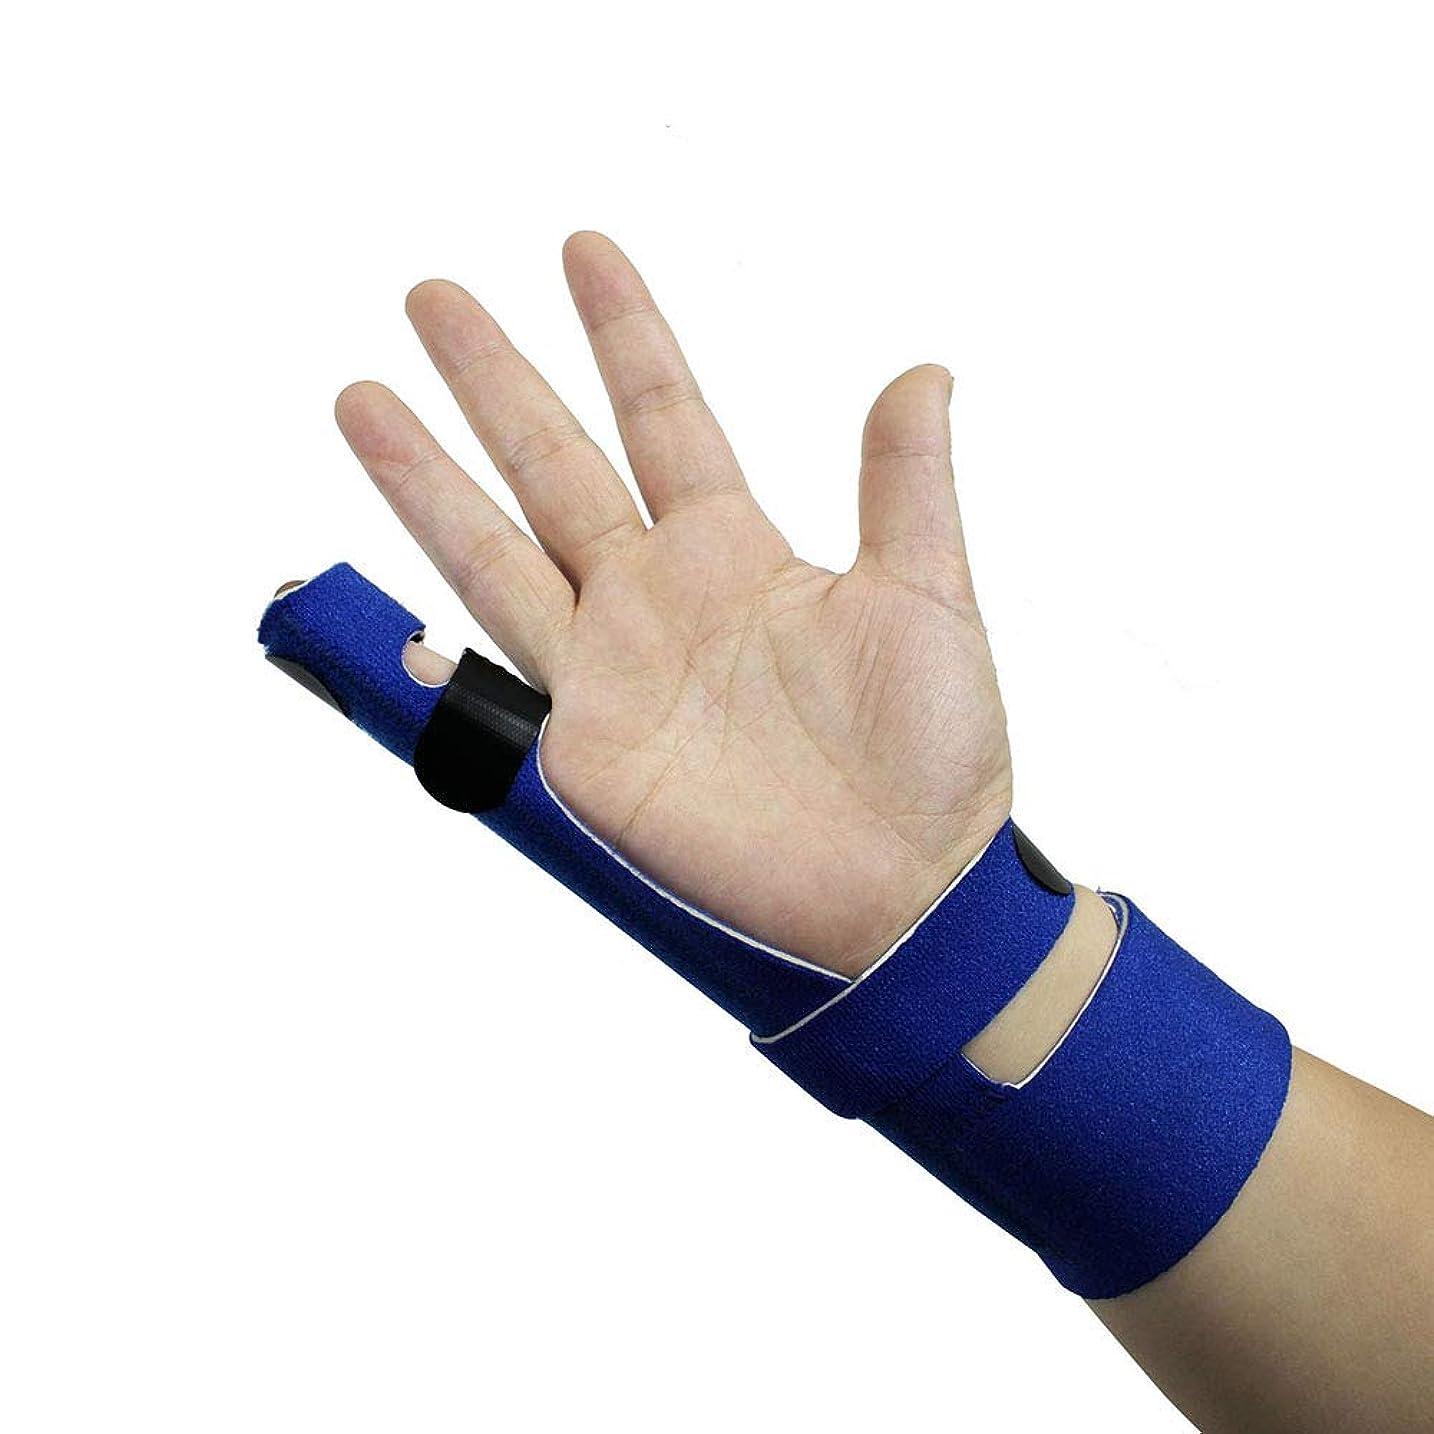 スリラー謙虚器具フィンガーエクステンションスプリント、腱炎の痛みの軽減、トリガーフィンガー、マレットフィンガー、関節炎フィンガースプリントの指の骨折または骨折